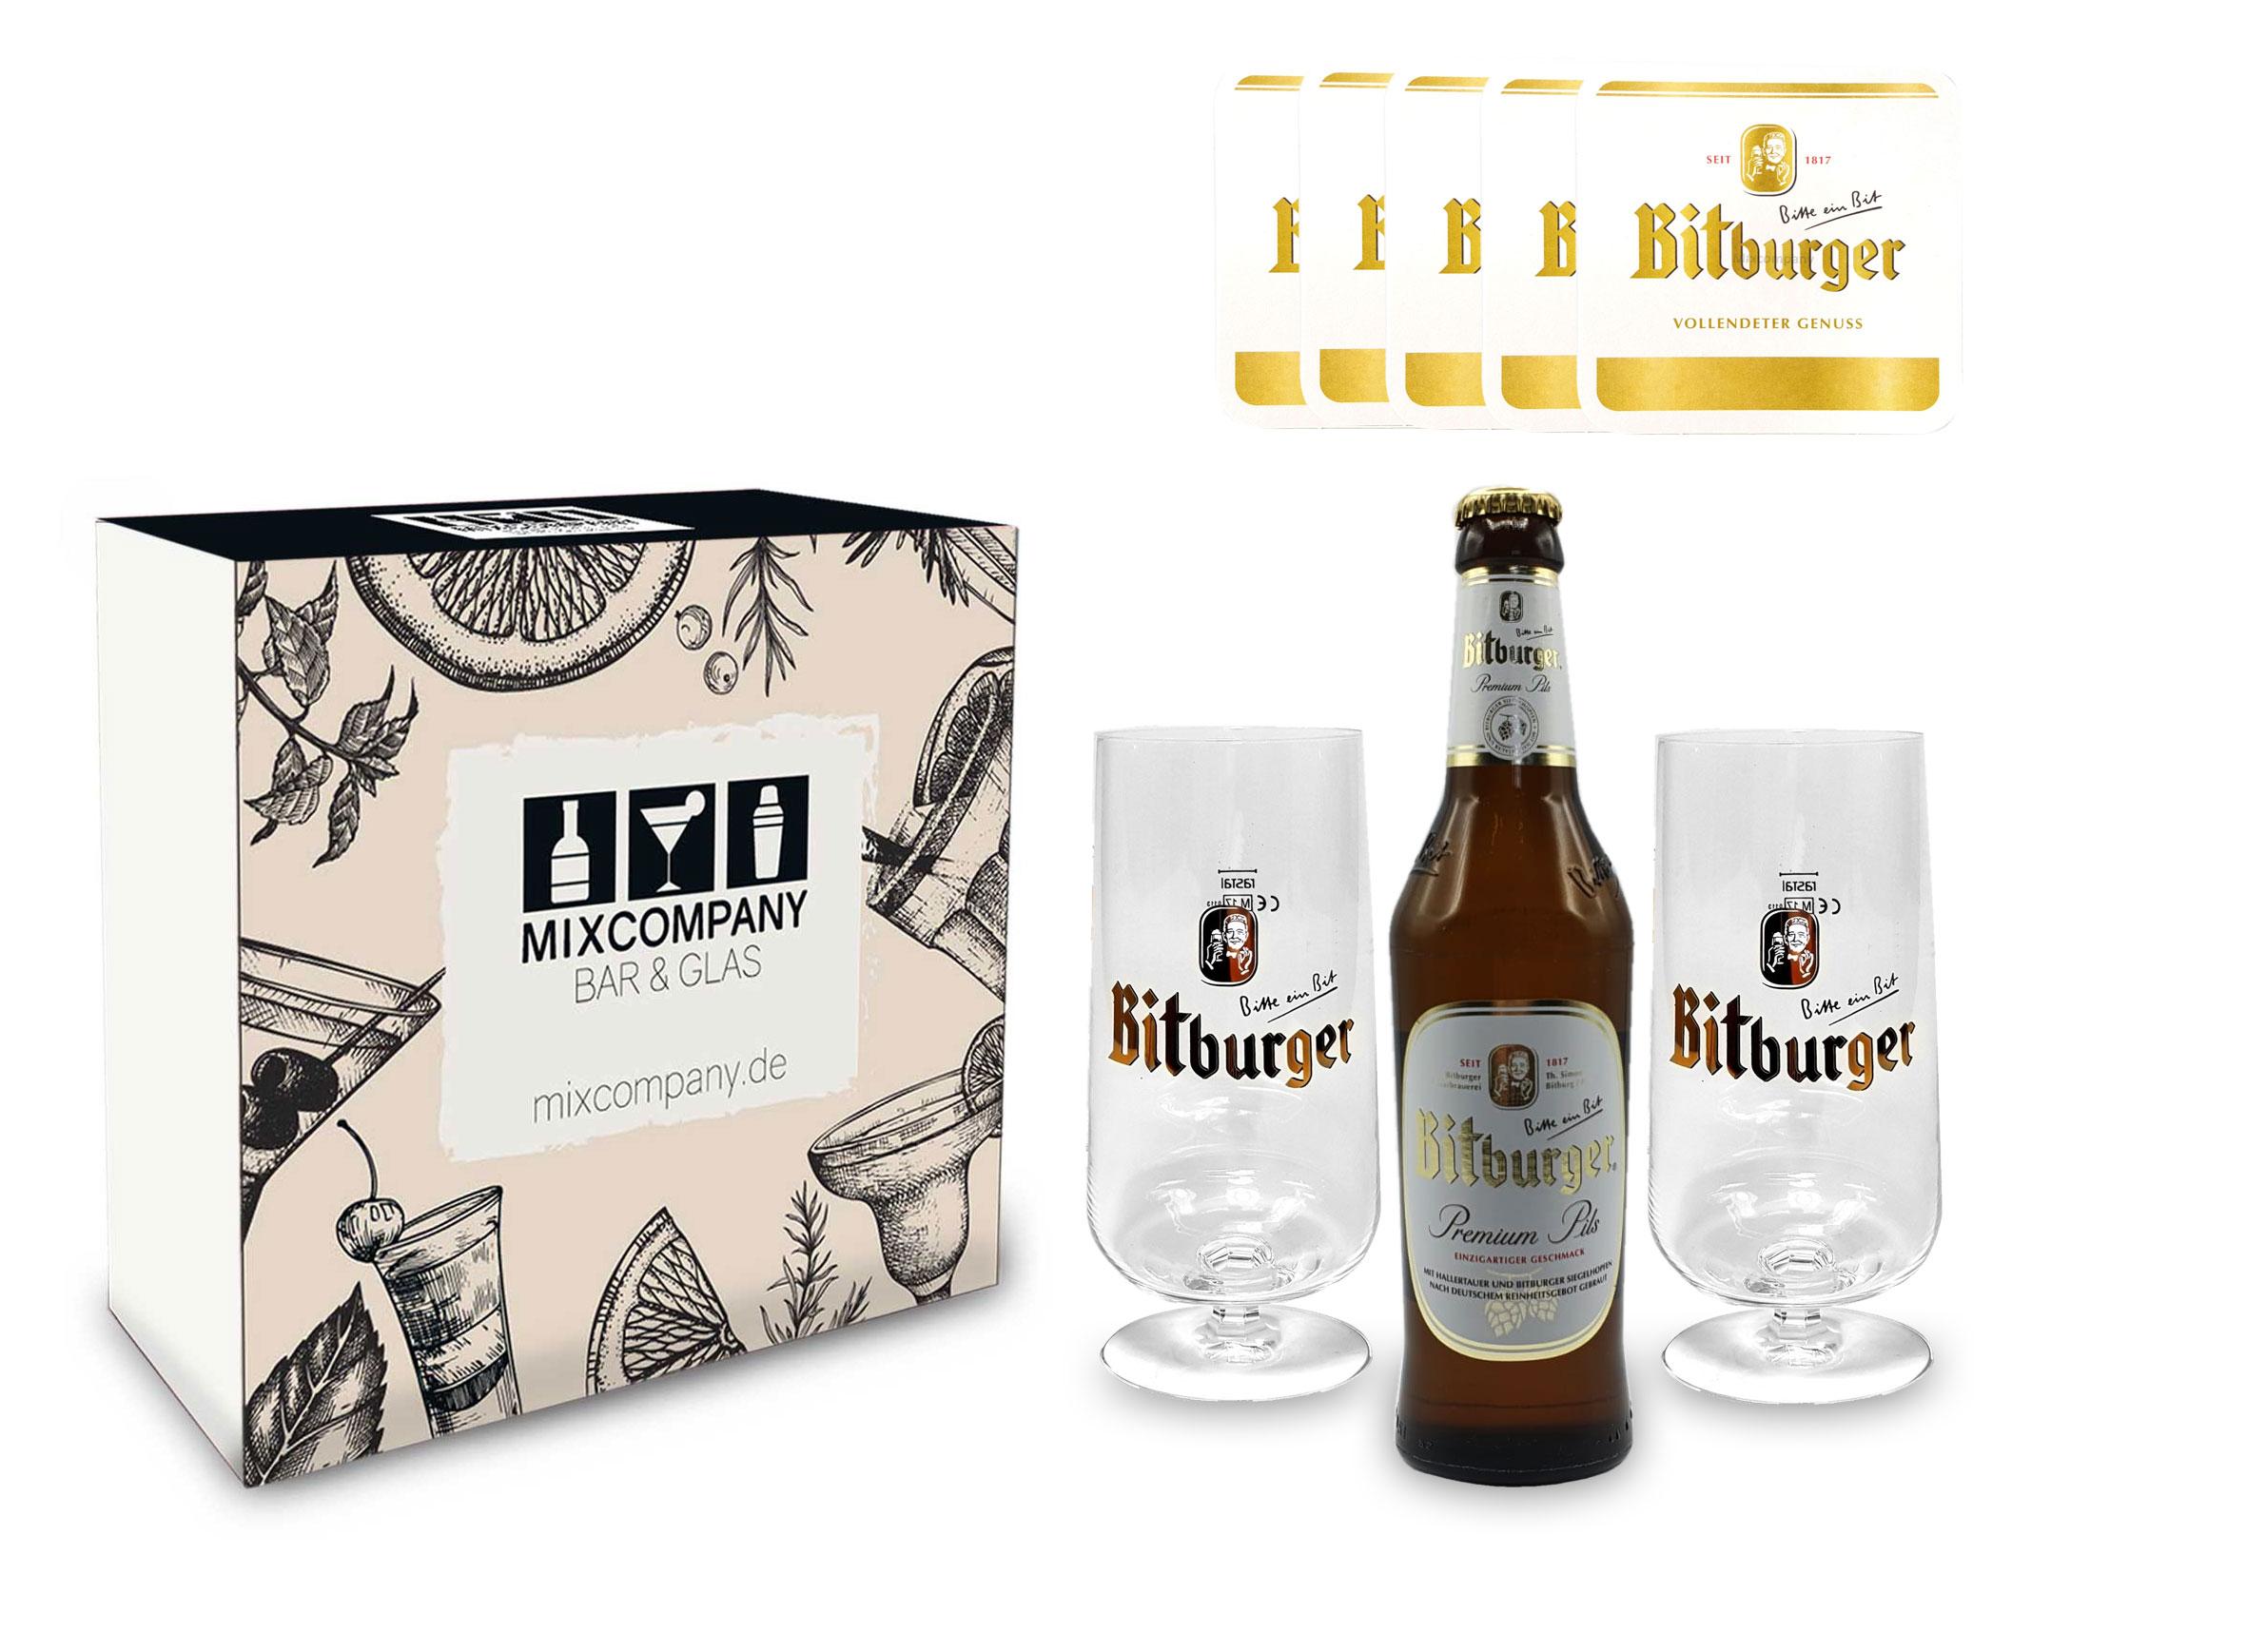 Bitburger Pils Set / Geschenkset - 1x Bitburger Premium Pils 500ml (4,8% Vol) + 2x Bitburger Gläser + 10x Bitburger Bierdeckel - Inkl. Pfand MEHRWEG